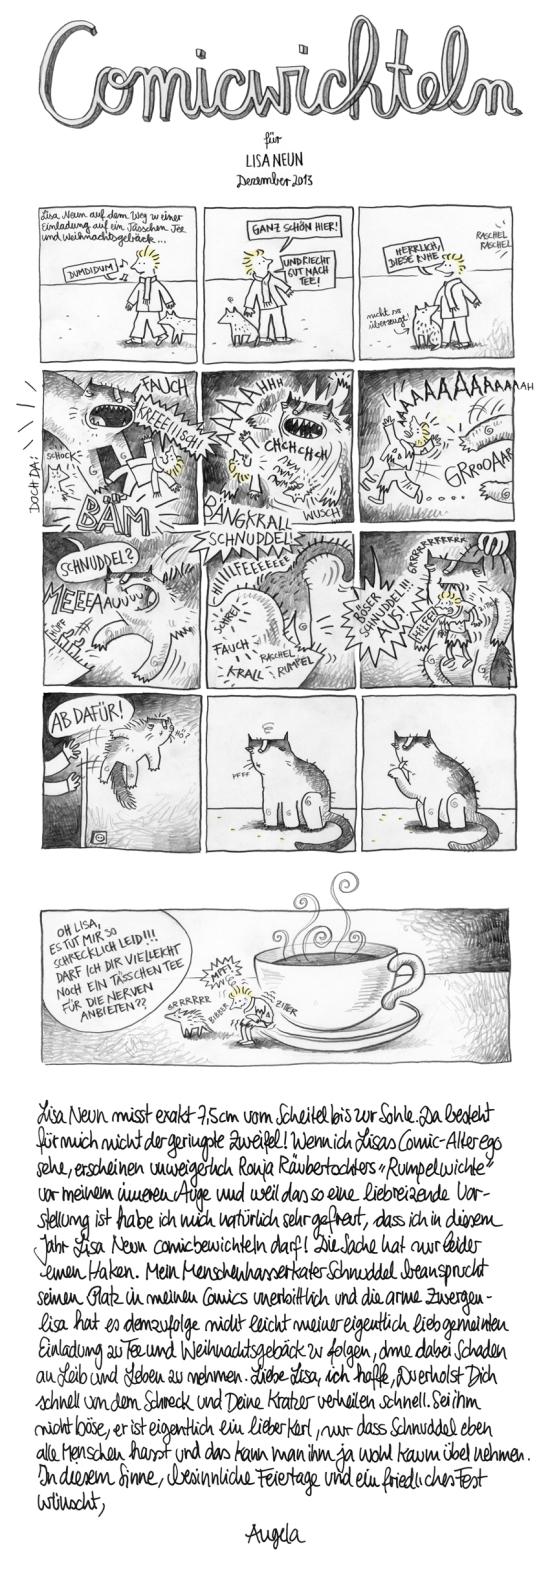 Comicwichteln_Angela-Wittchen_fuer_Lisa-Neun550